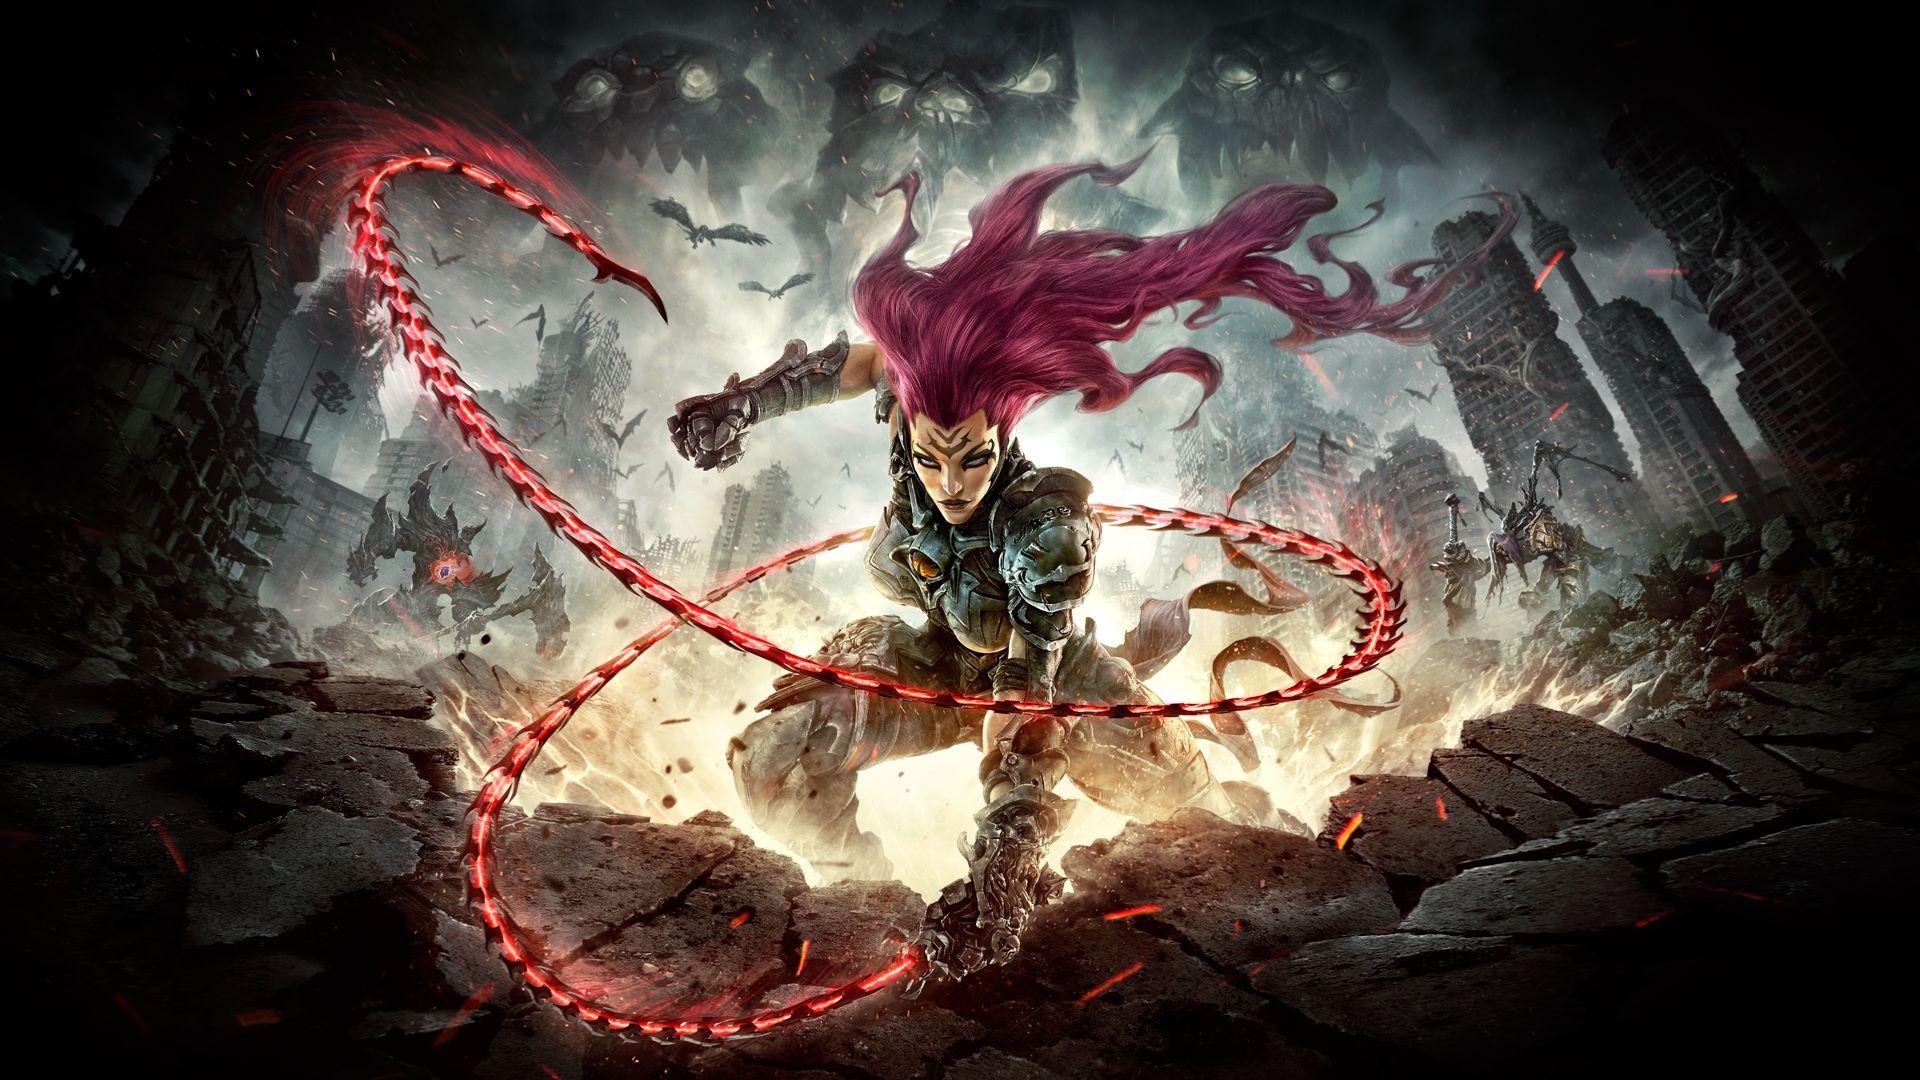 بازی Darksiders III بالاخره برای سوییچ عرضه میشود؟